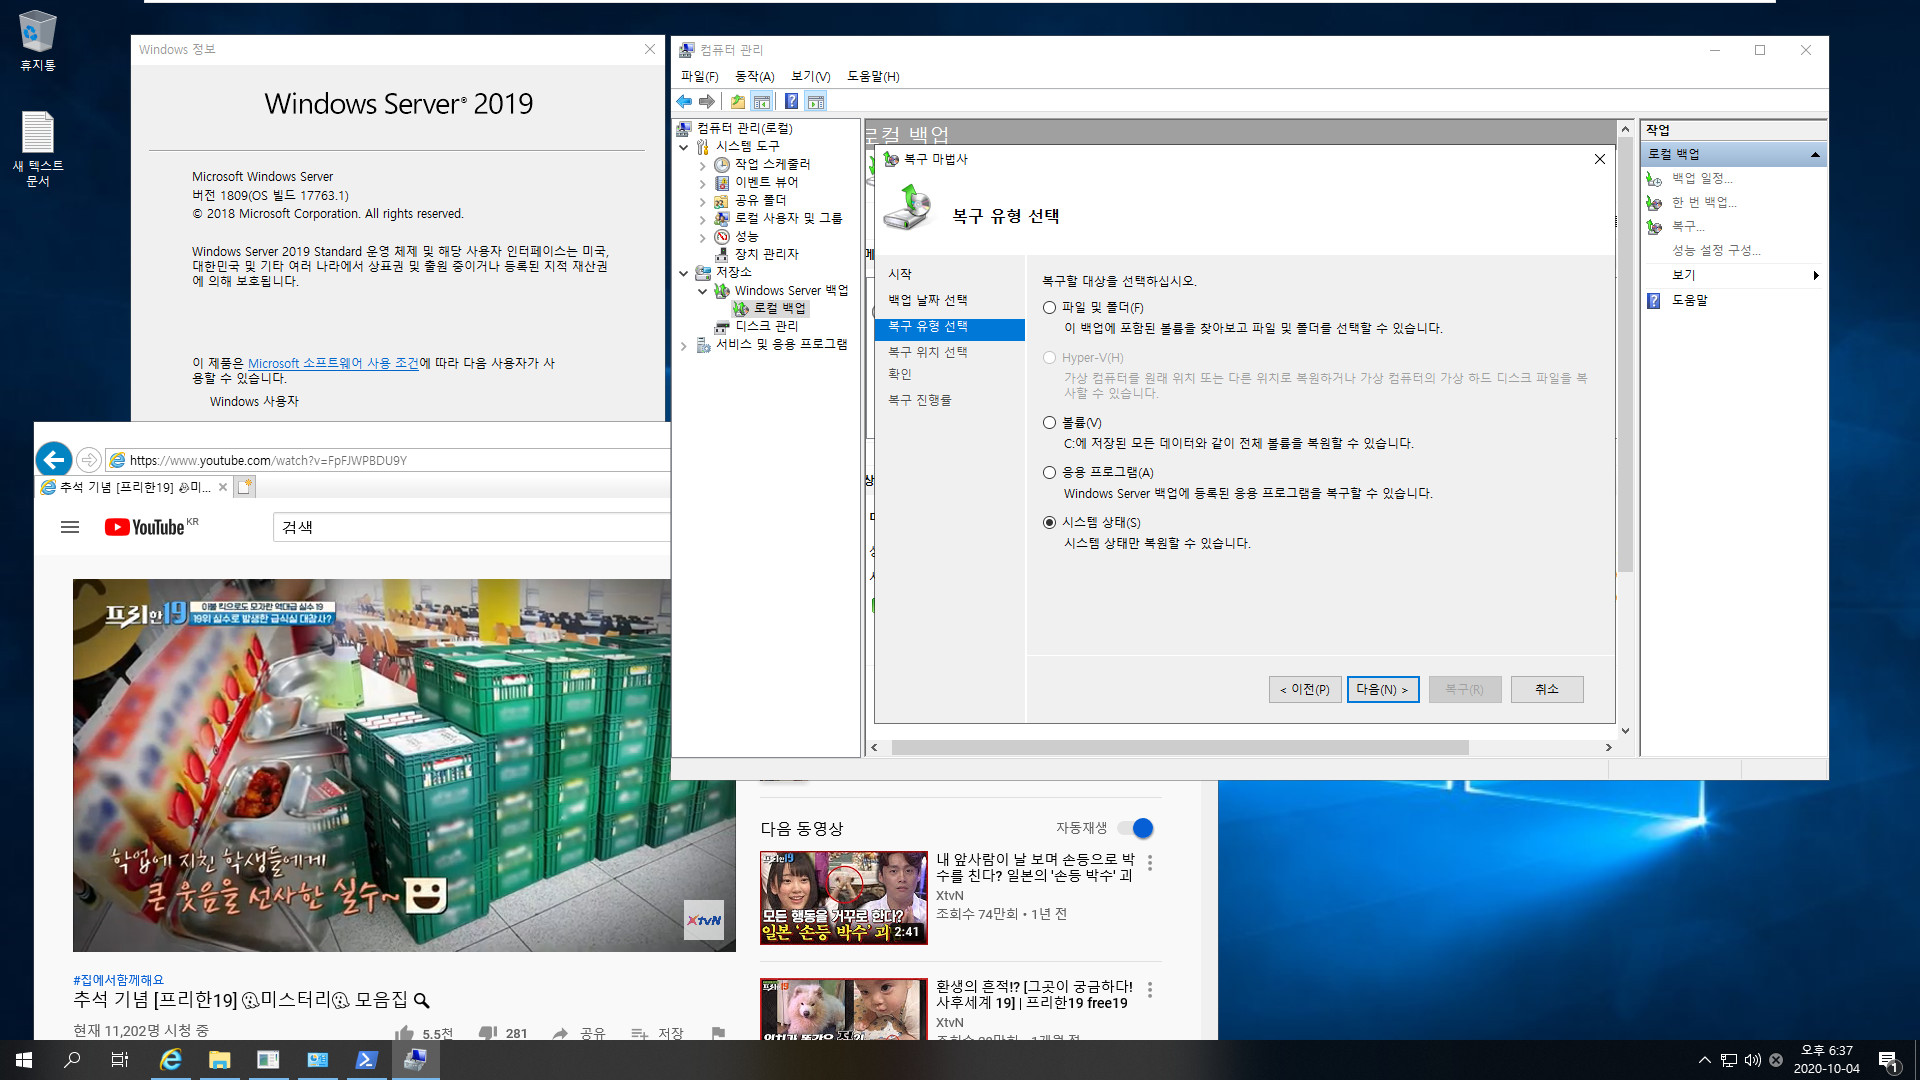 윈도우 서버군은 윈도우 사용중에도 자체 WBadmin 명령으로 윈도우 복구를 합니다 - Windows Server 2019로 복구 테스트 2020-10-04_183706.jpg